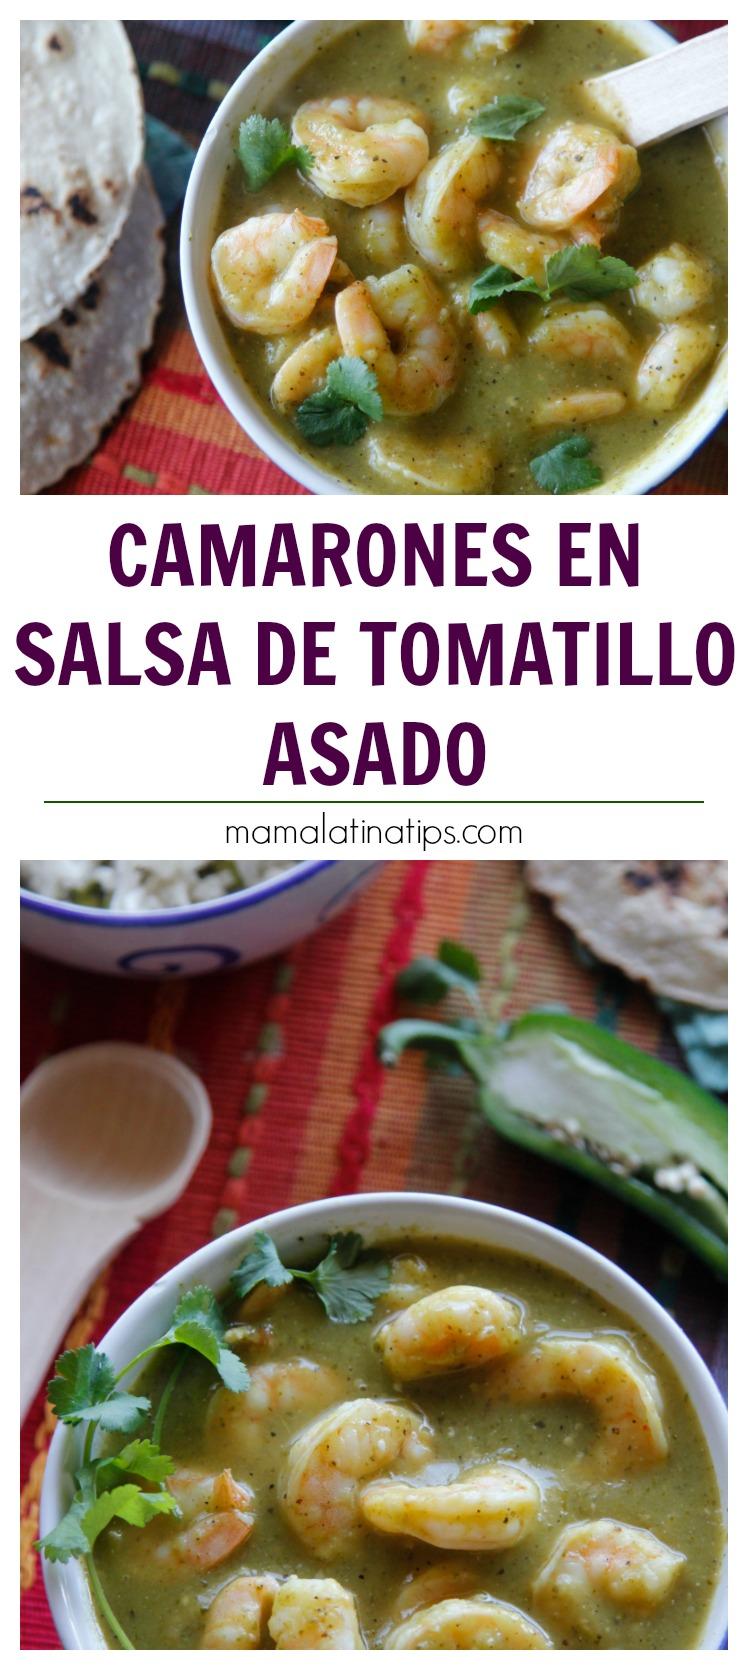 El delicado sabor de los camarones va muy bien con la profundidad y acidez de la salsa de tomatillo asado. Prepara la salsa con anticipación y tendrás un platillo listo en menos de 15 minutos. #comidamexicana #salsaverde #tomatilloasado #camarones #recetasdecuaresma